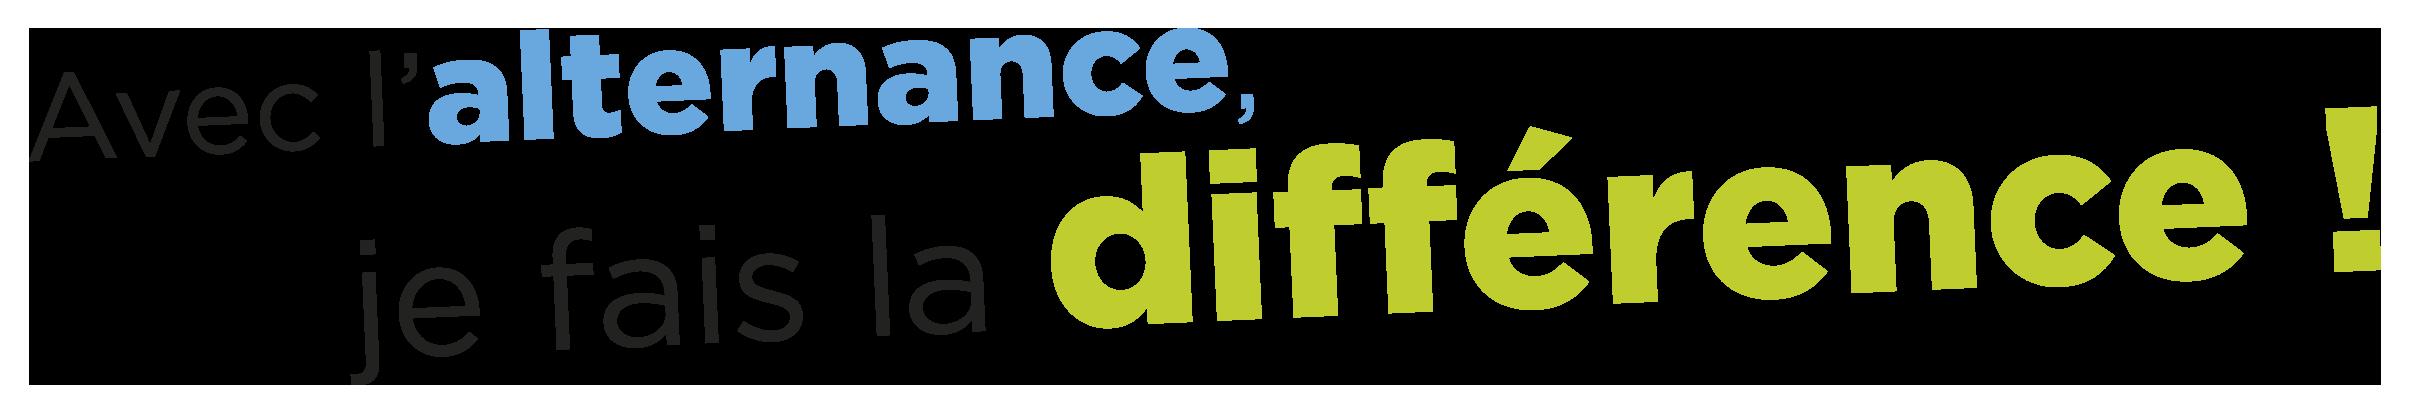 Slogan de l'Afanem Avec  l'alternance je fais la différence